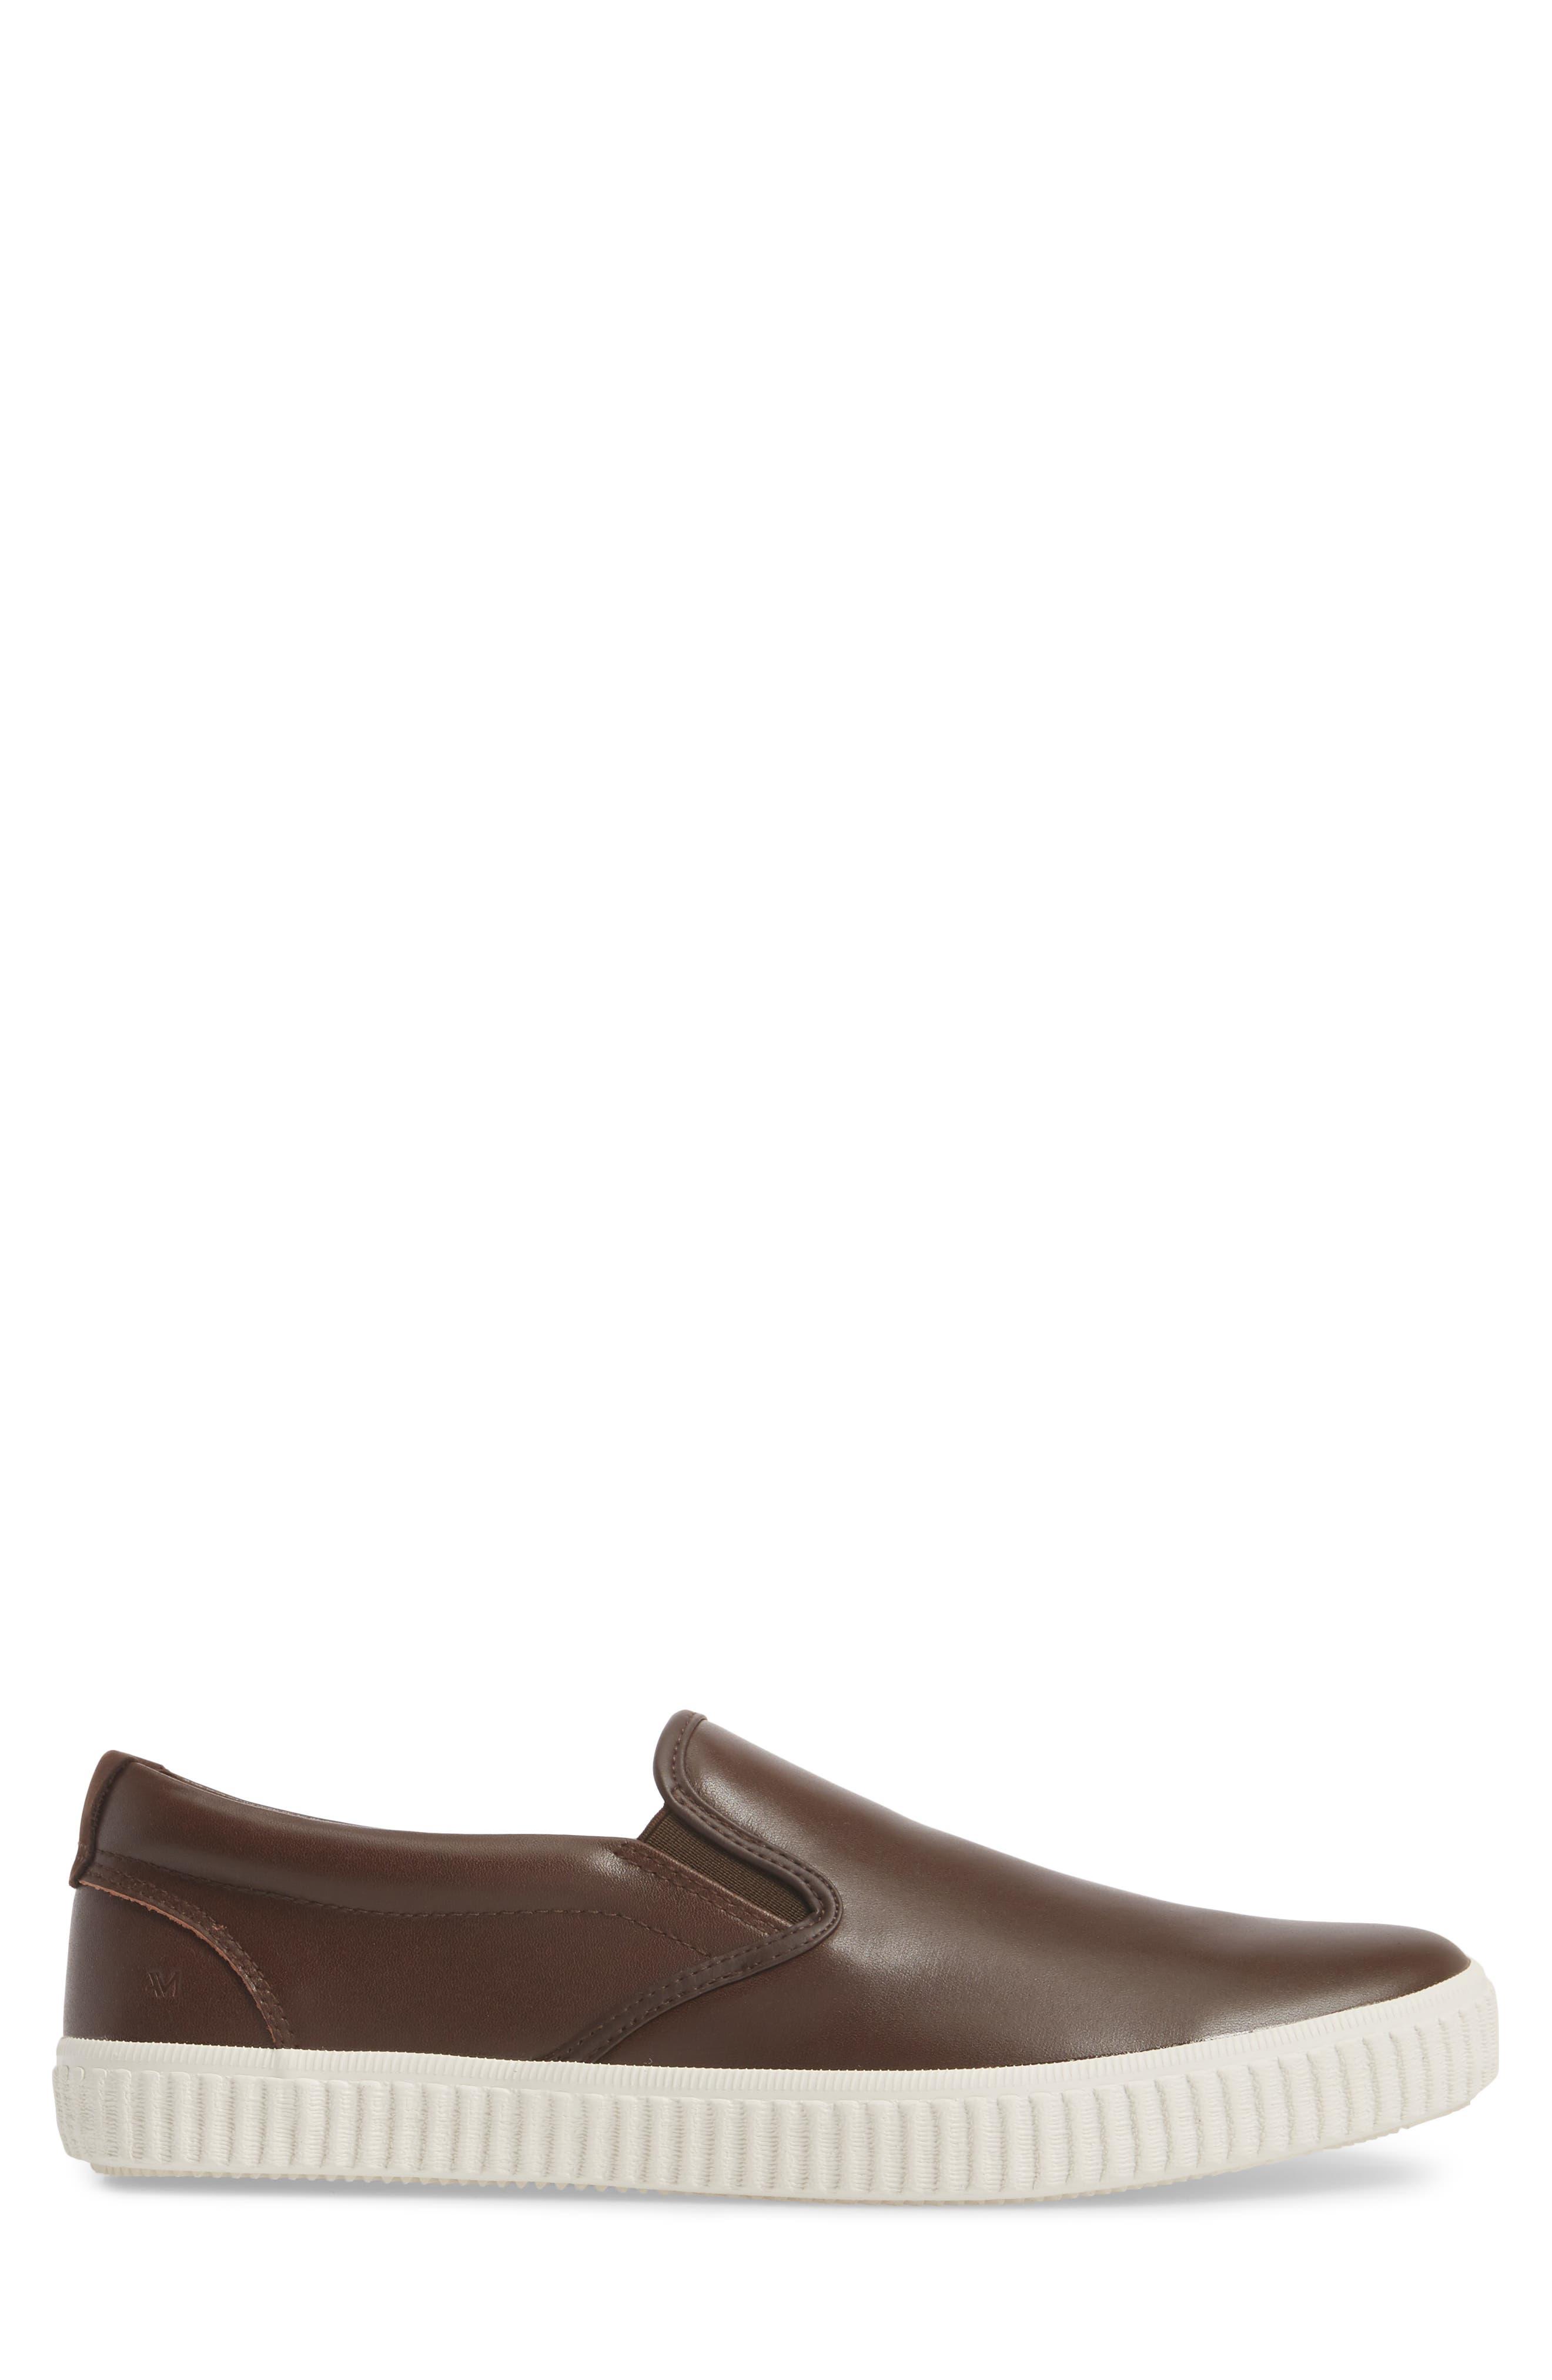 Riverside Slip-On Sneaker,                             Alternate thumbnail 3, color,                             Brown/ Off White Leather